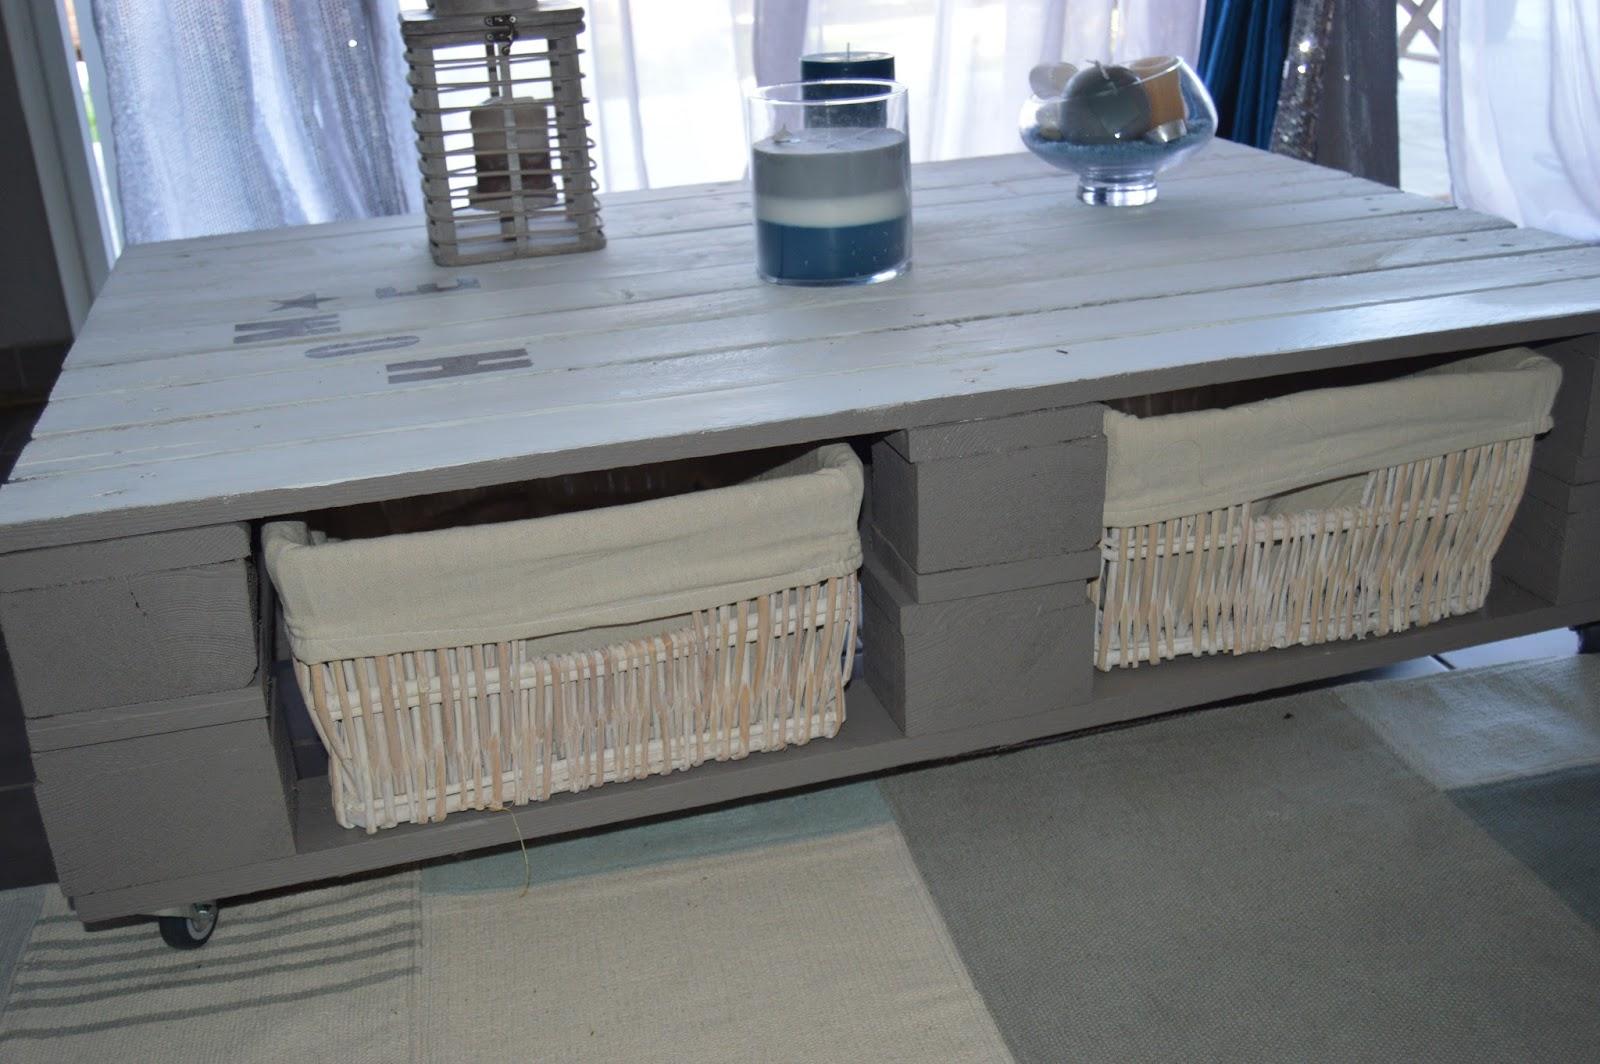 Diy une table basse en palette passions au f minin - Palettes table basse ...